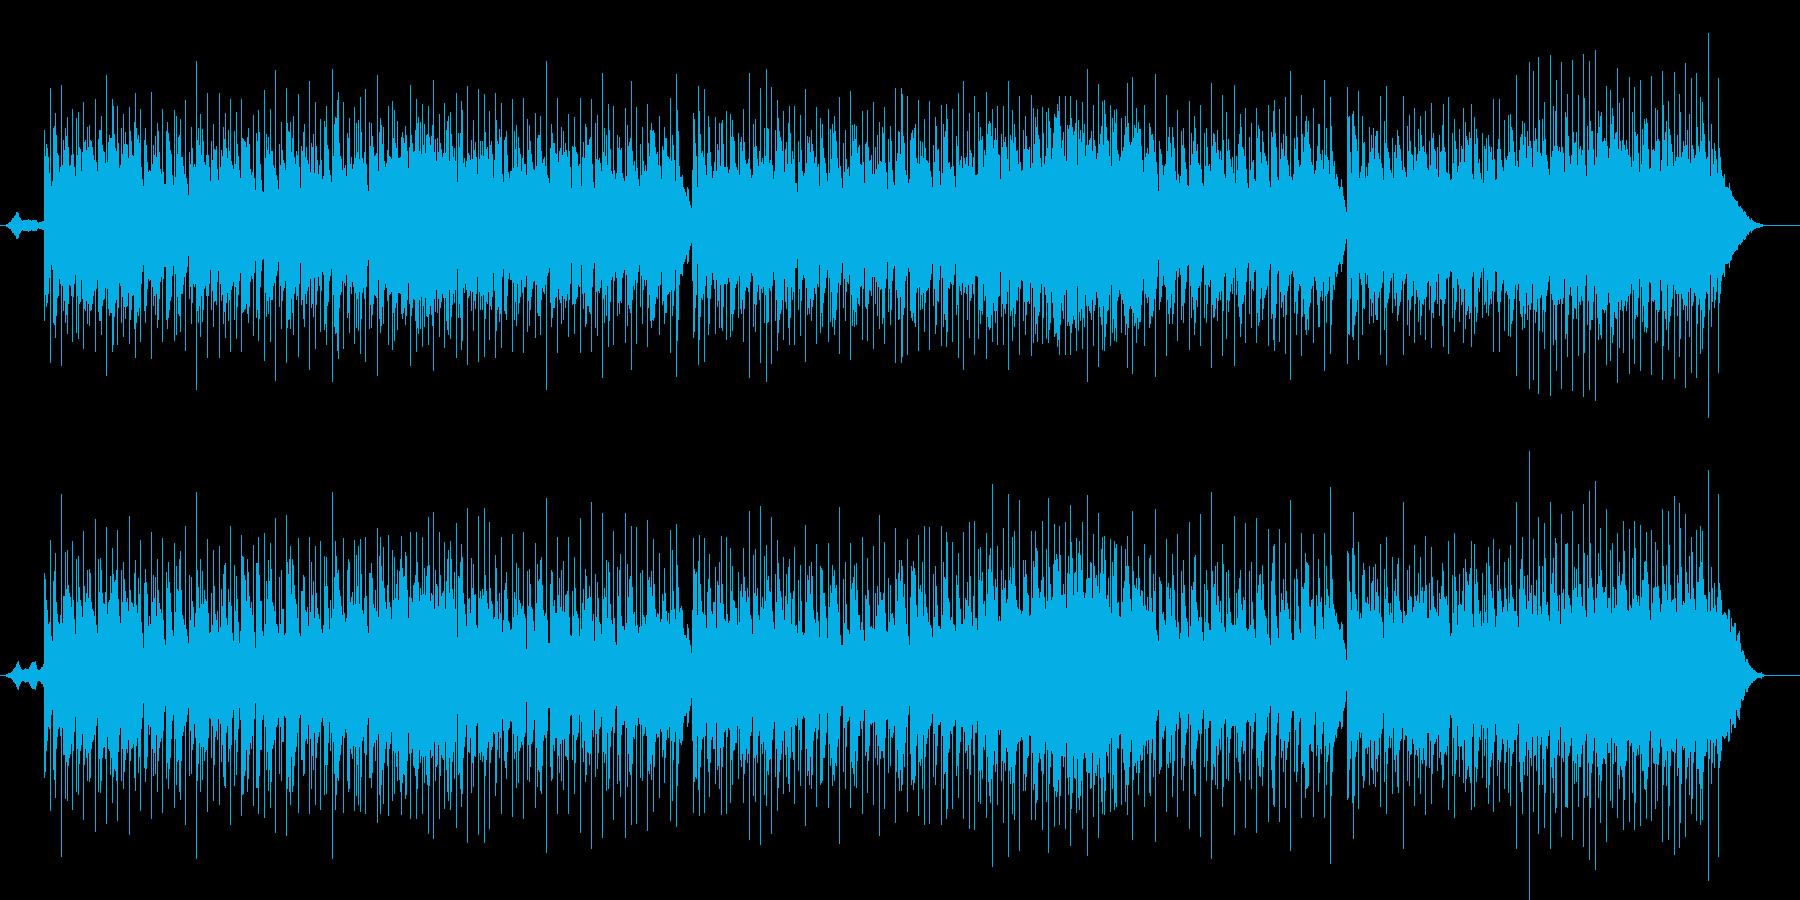 [夏] 愛のサマー・サンセットの再生済みの波形